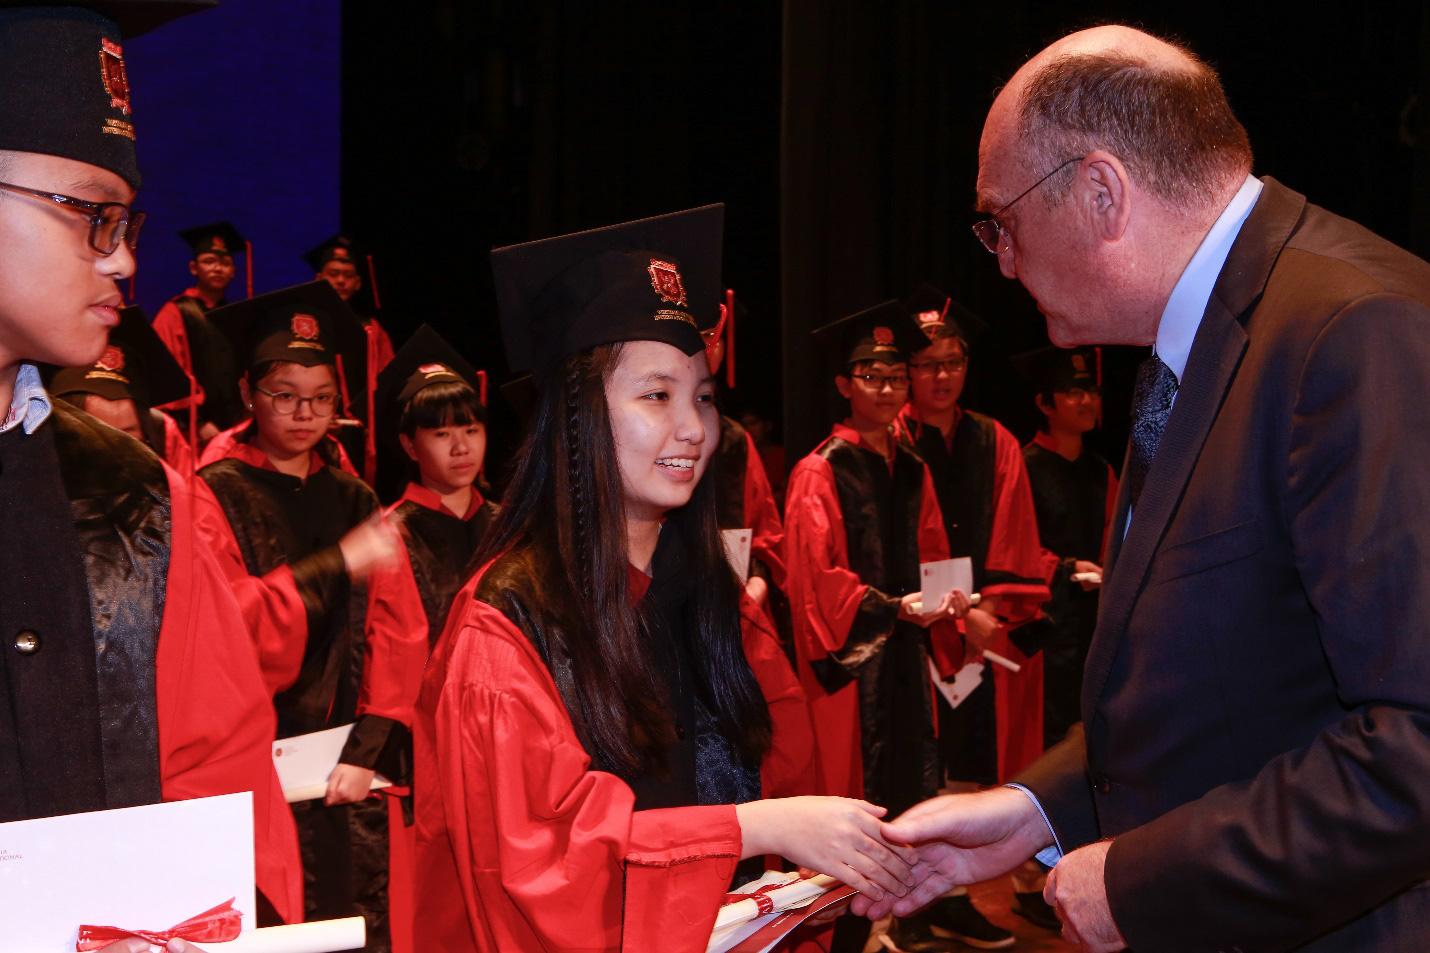 Chương trình quốc tế toàn phần Cambridge tại VAS và những điểm khác biệt - Ảnh 1.